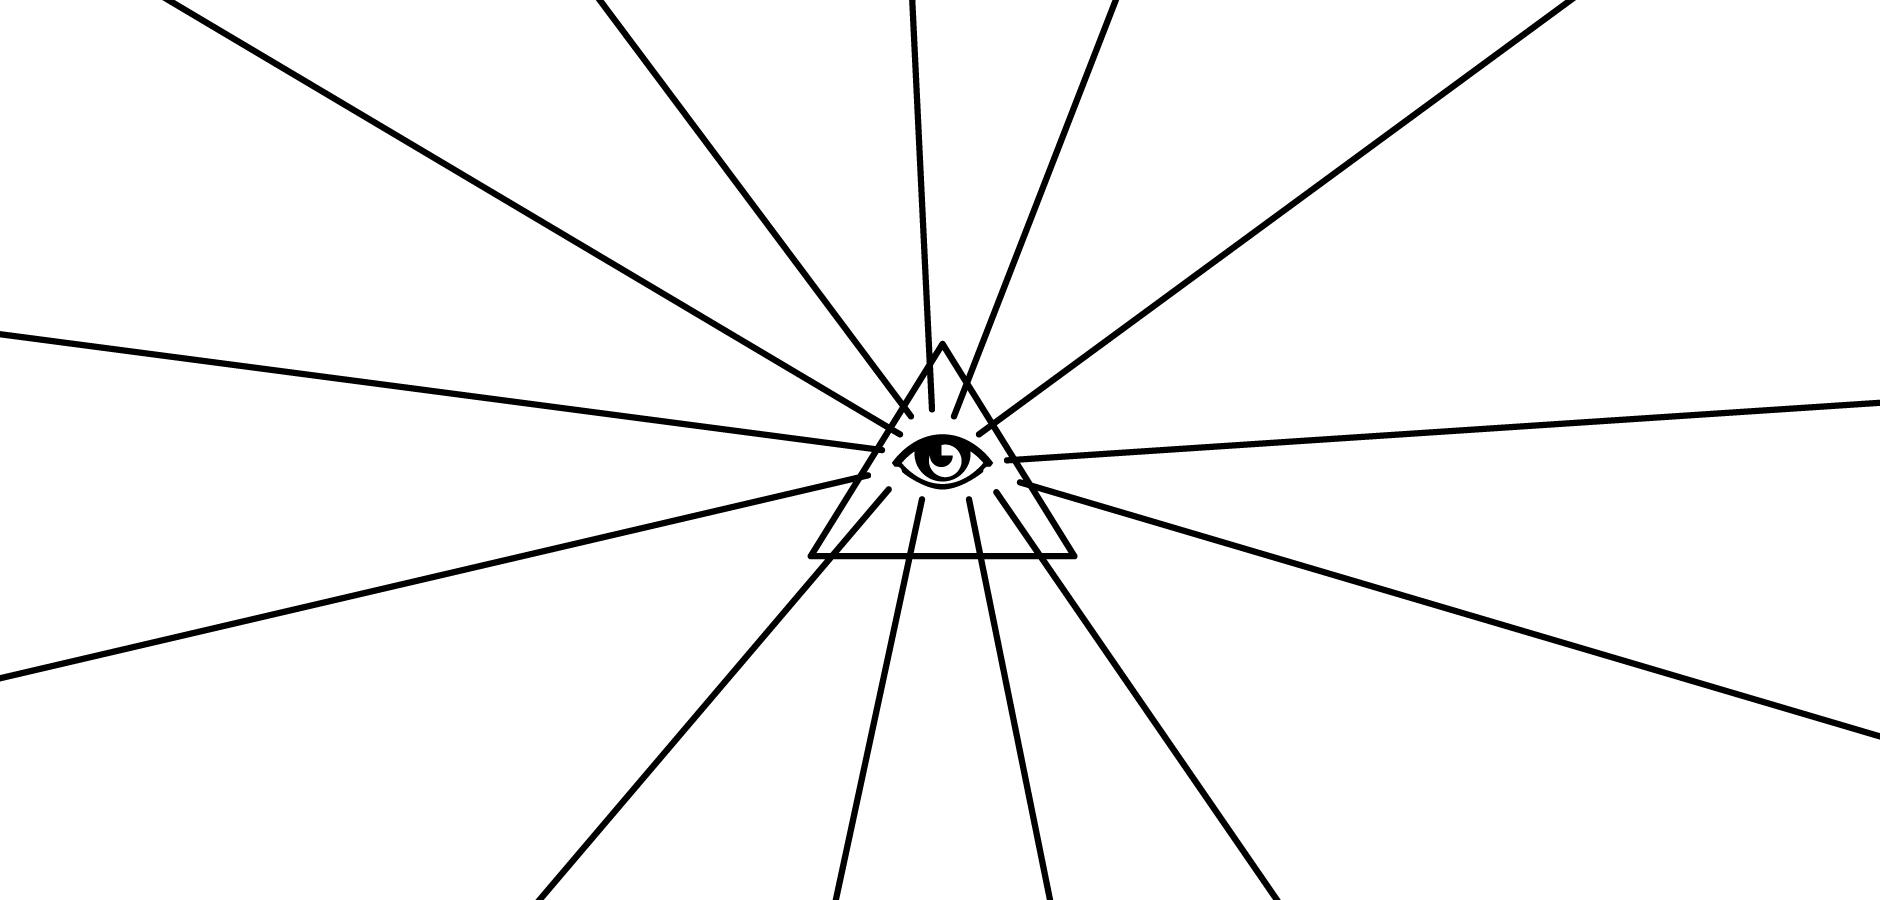 Dot Pixel - Illustration - Illuminati